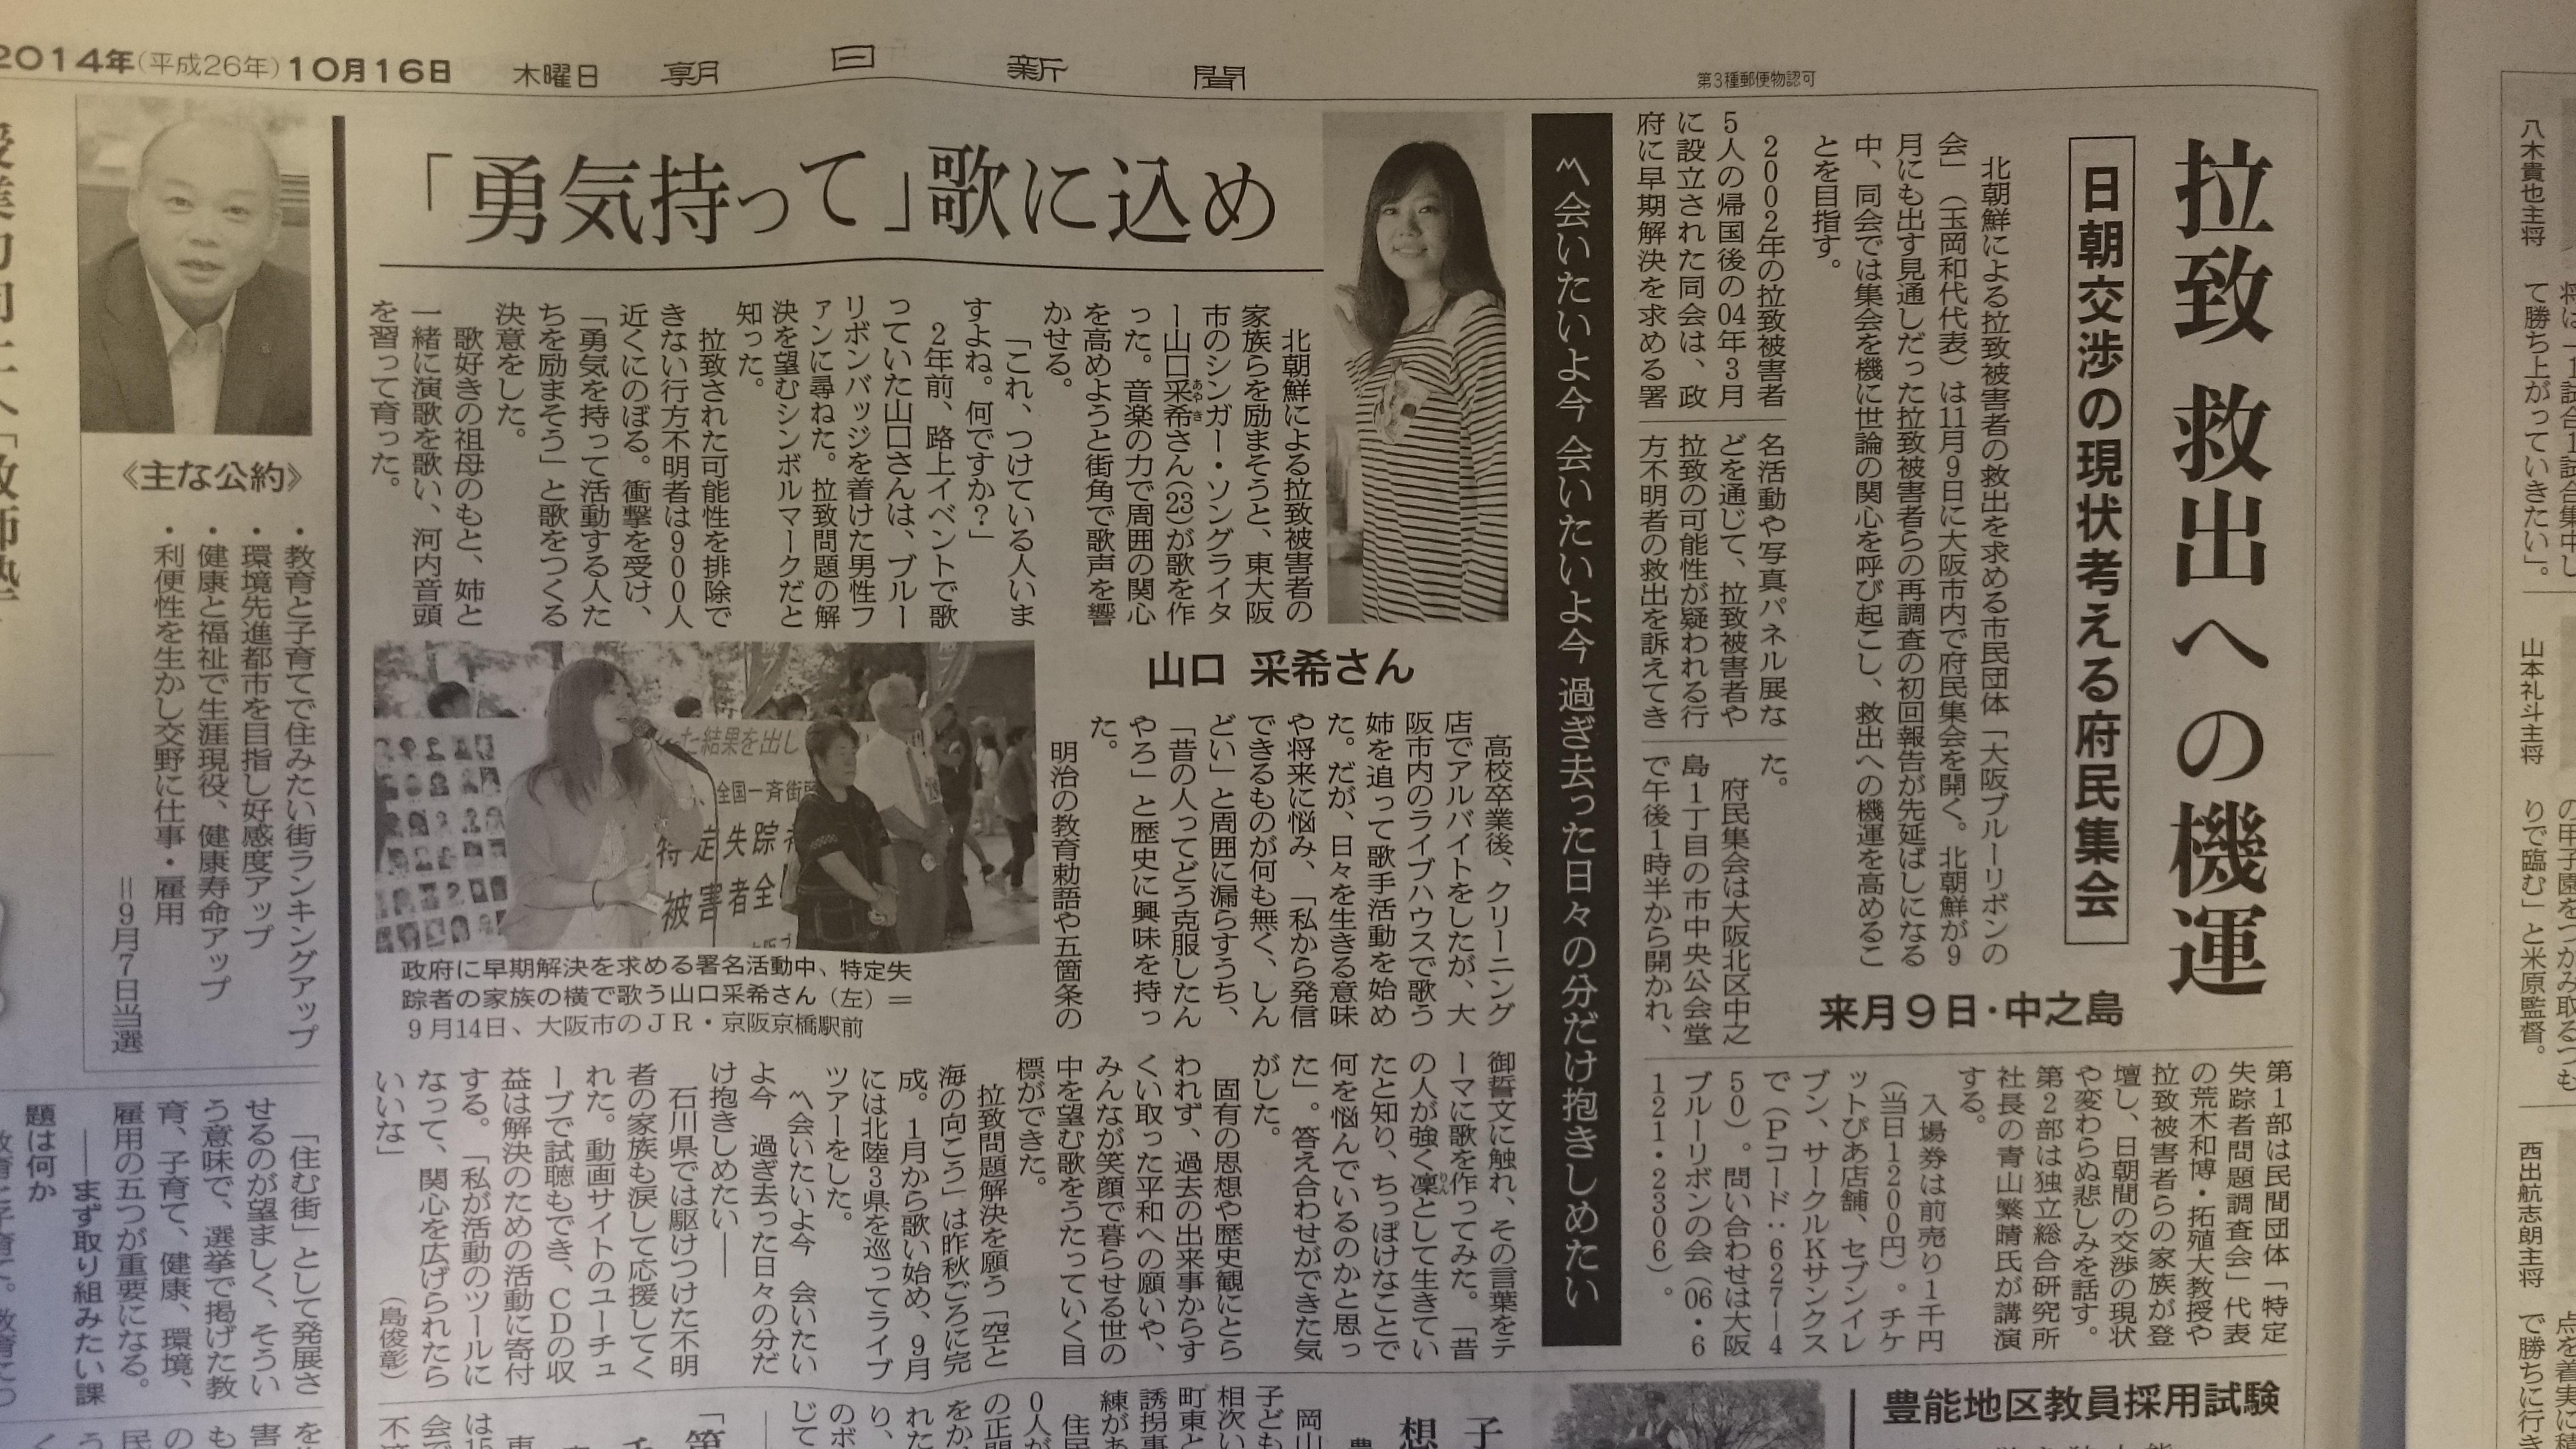 10.16朝日新聞大阪版朝刊.jpg